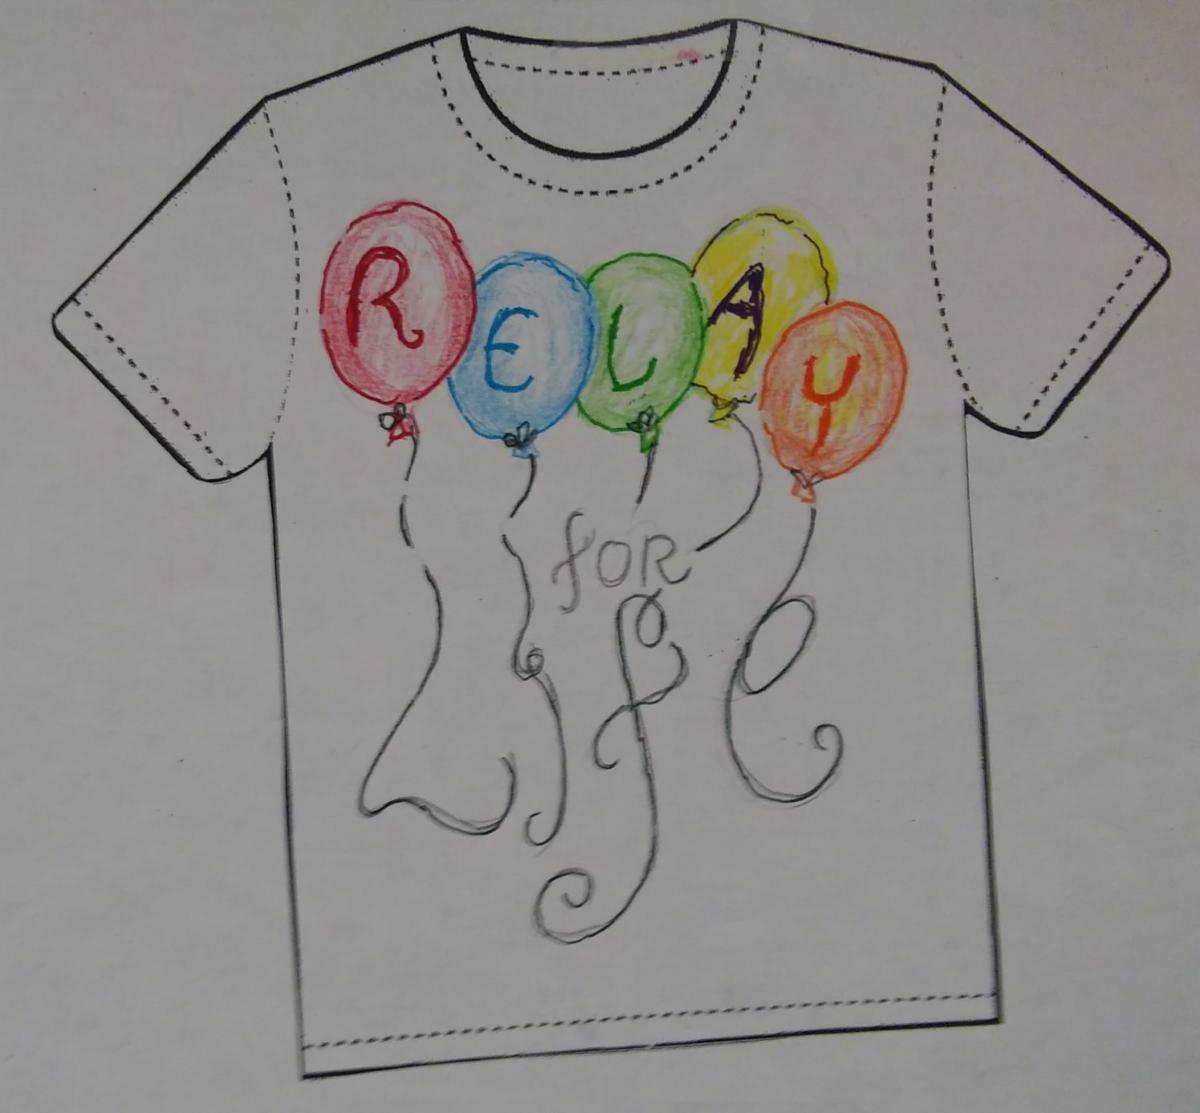 Former art teacher wins T-shirt design contest